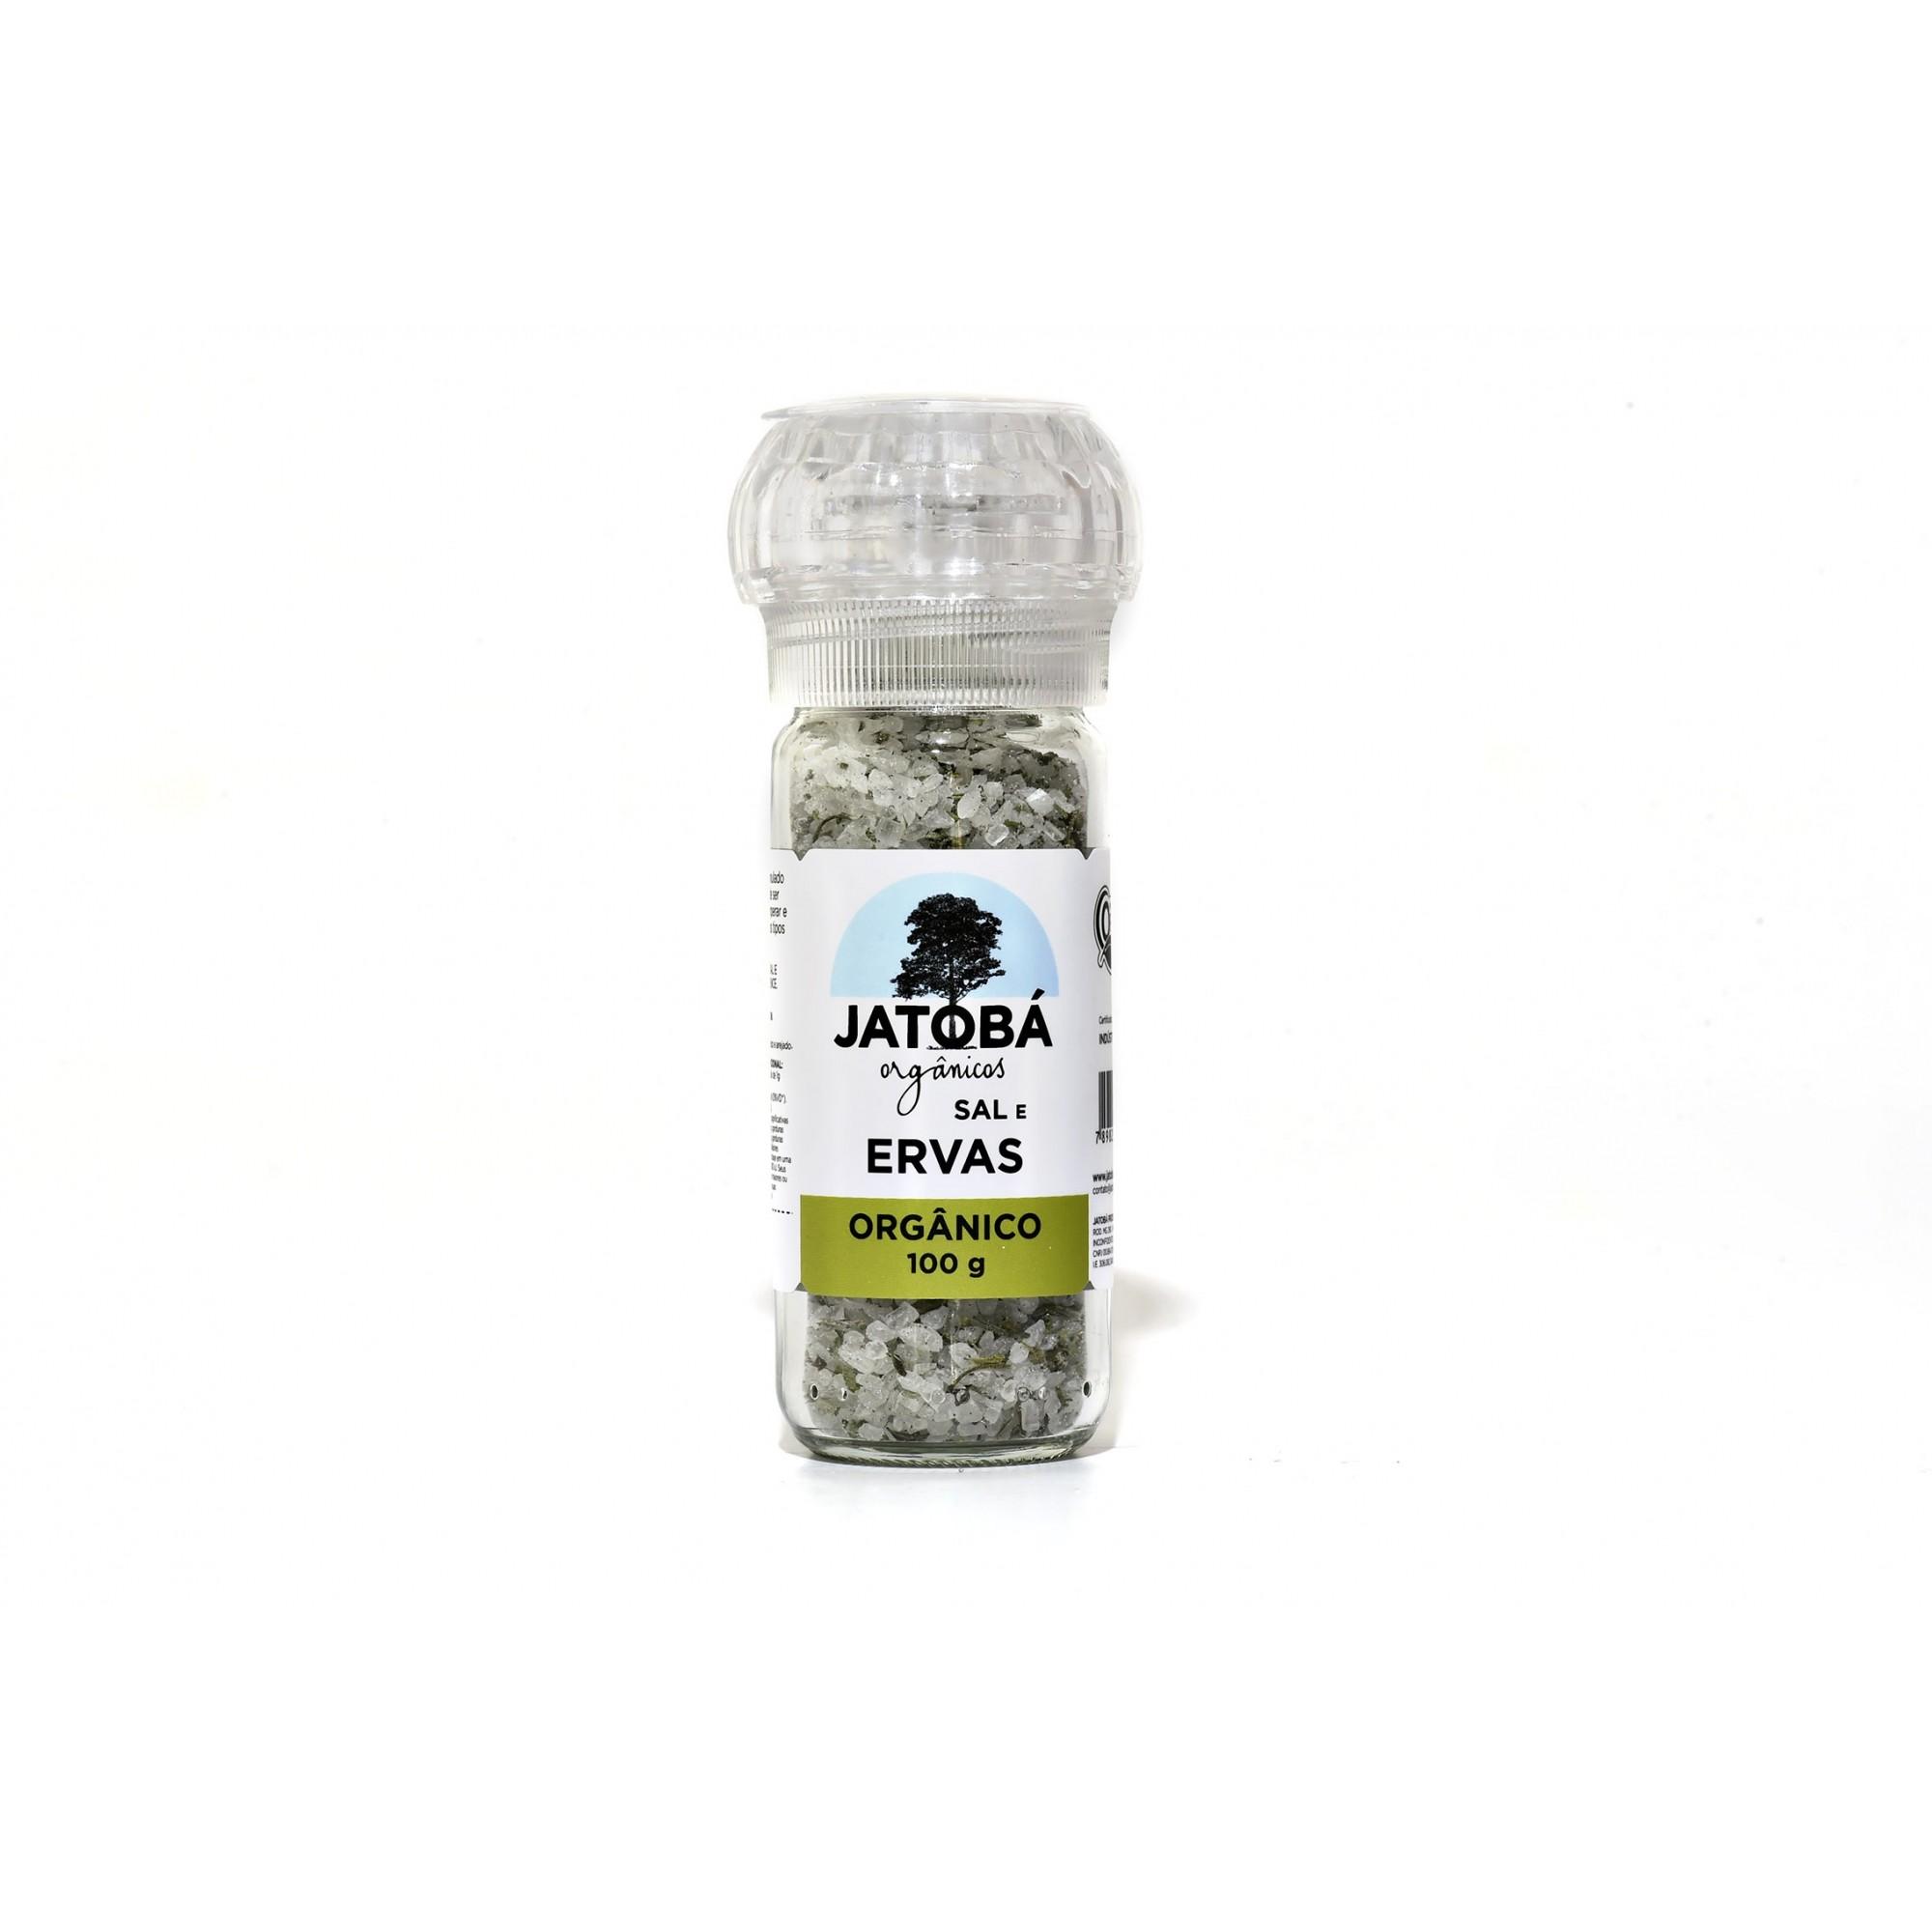 Sal e Ervas Orgânico com Moedor - 100g - Jatobá